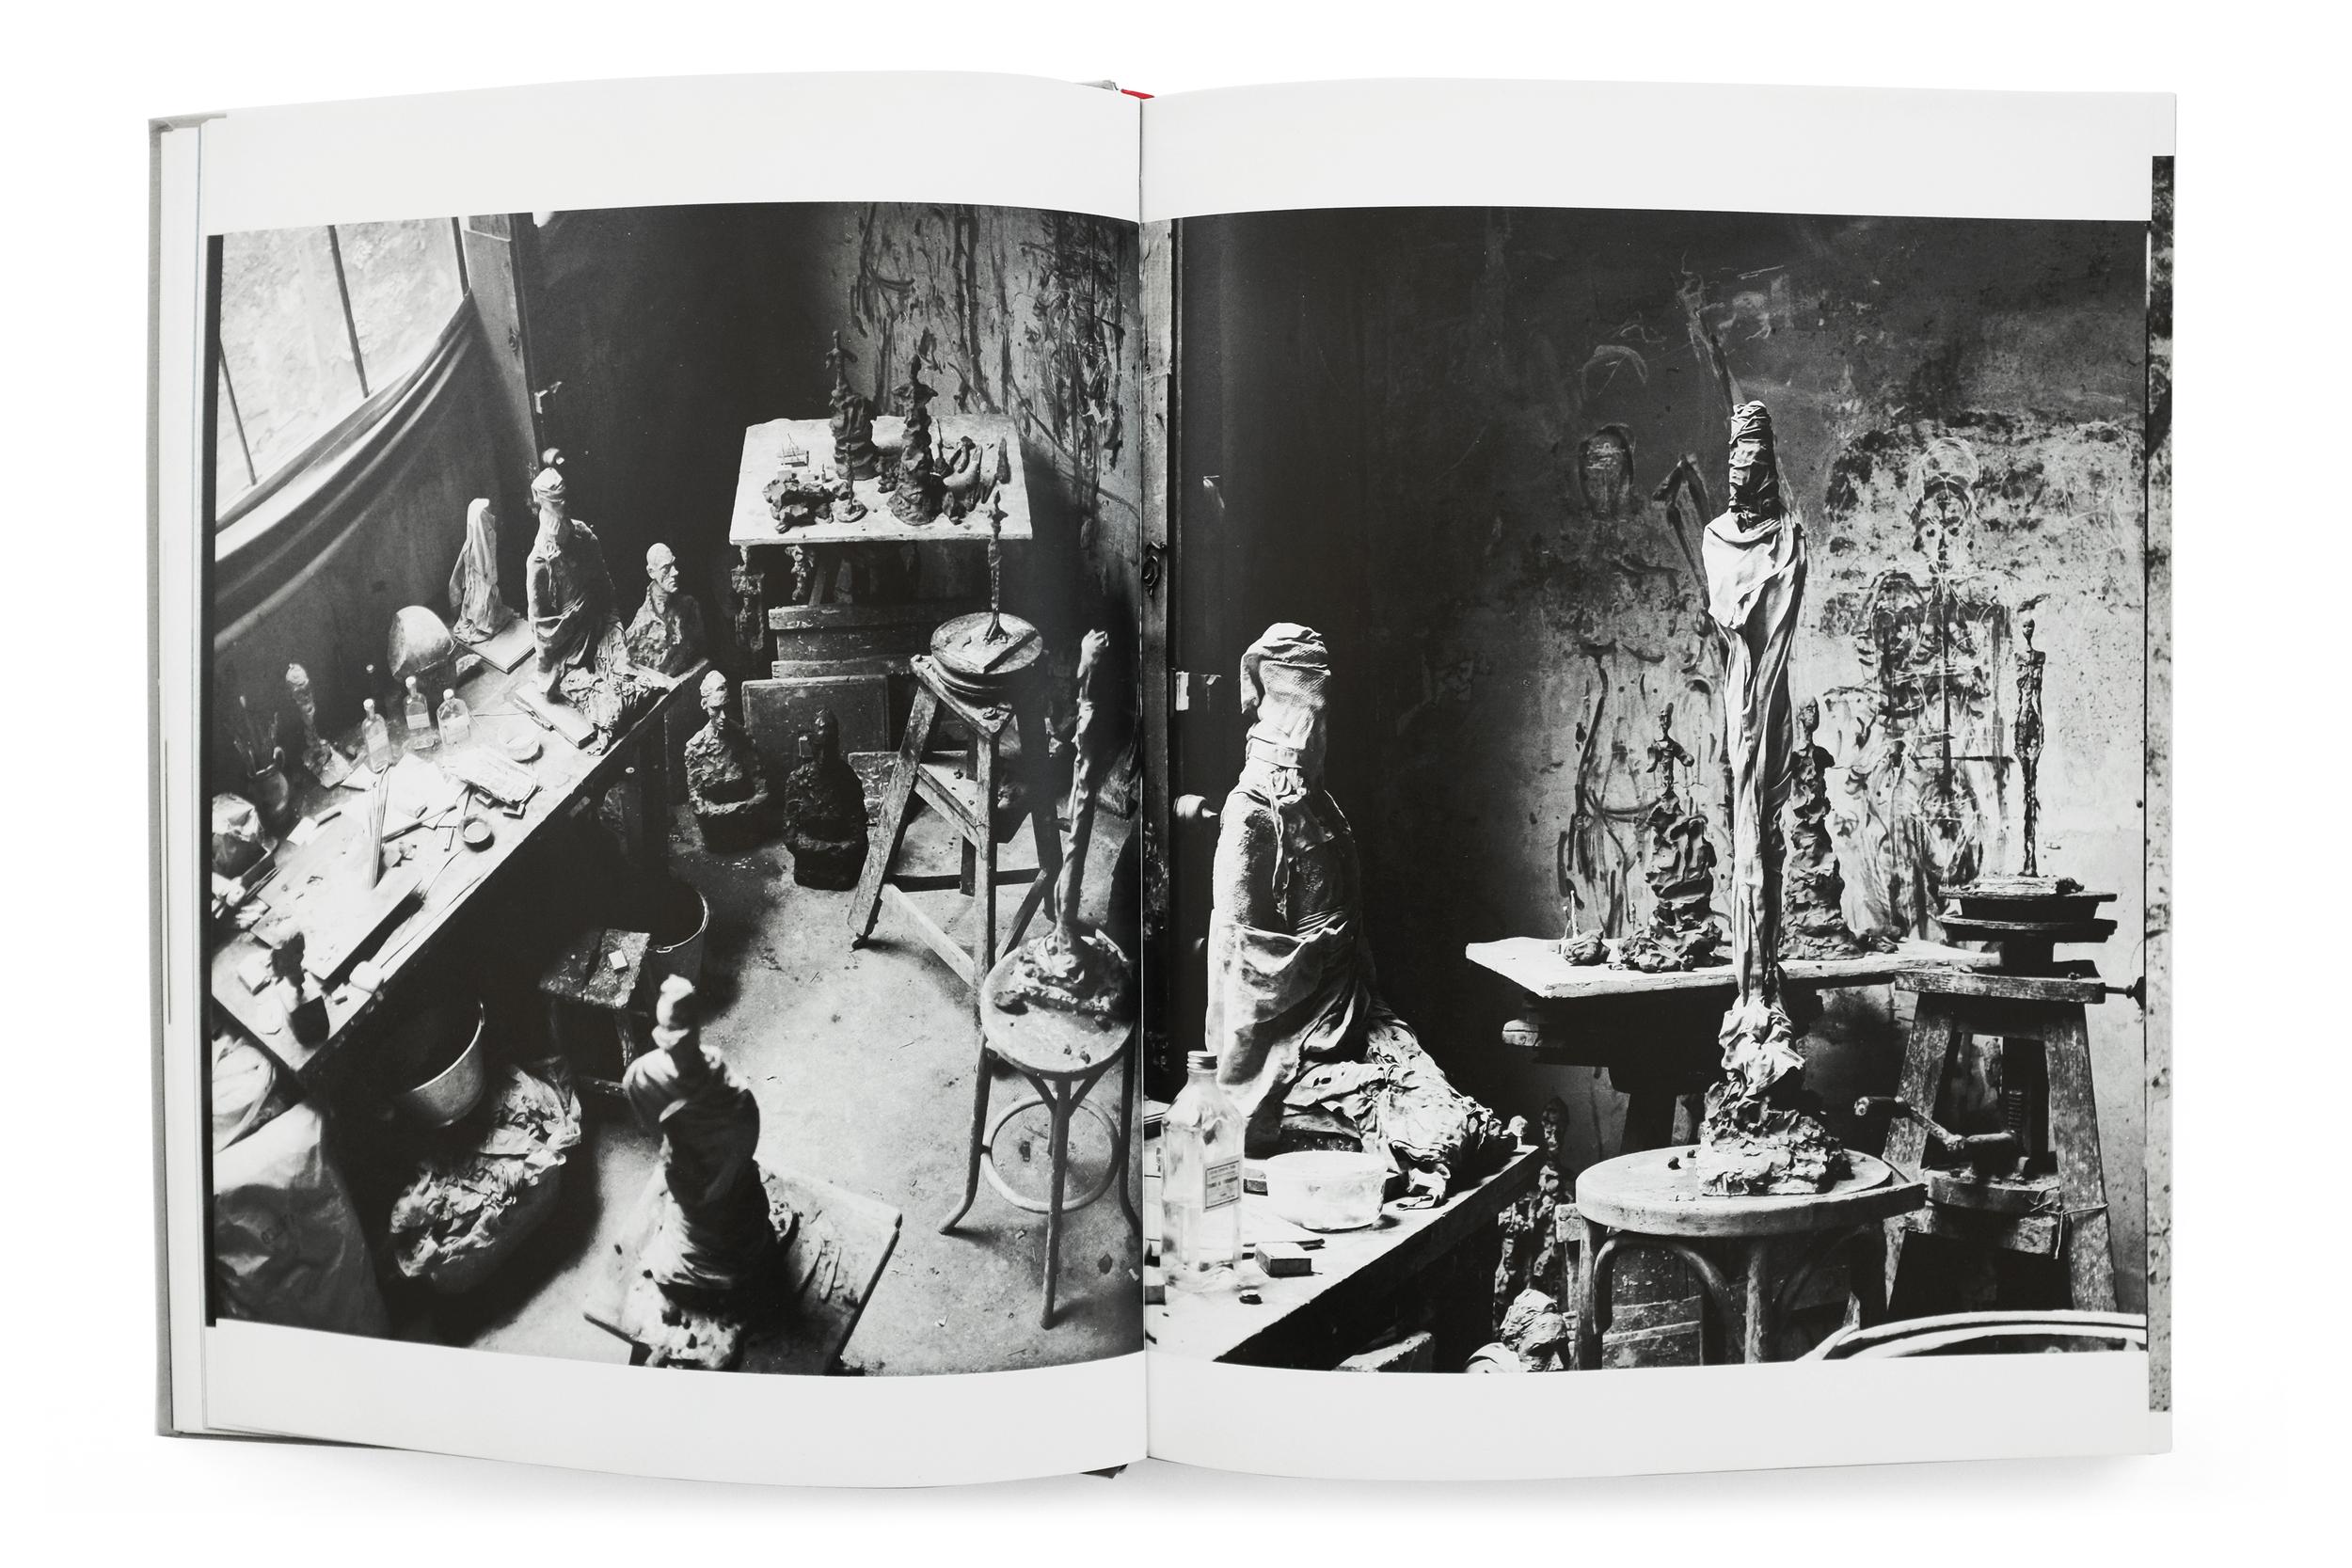 giacometti_book10.jpg